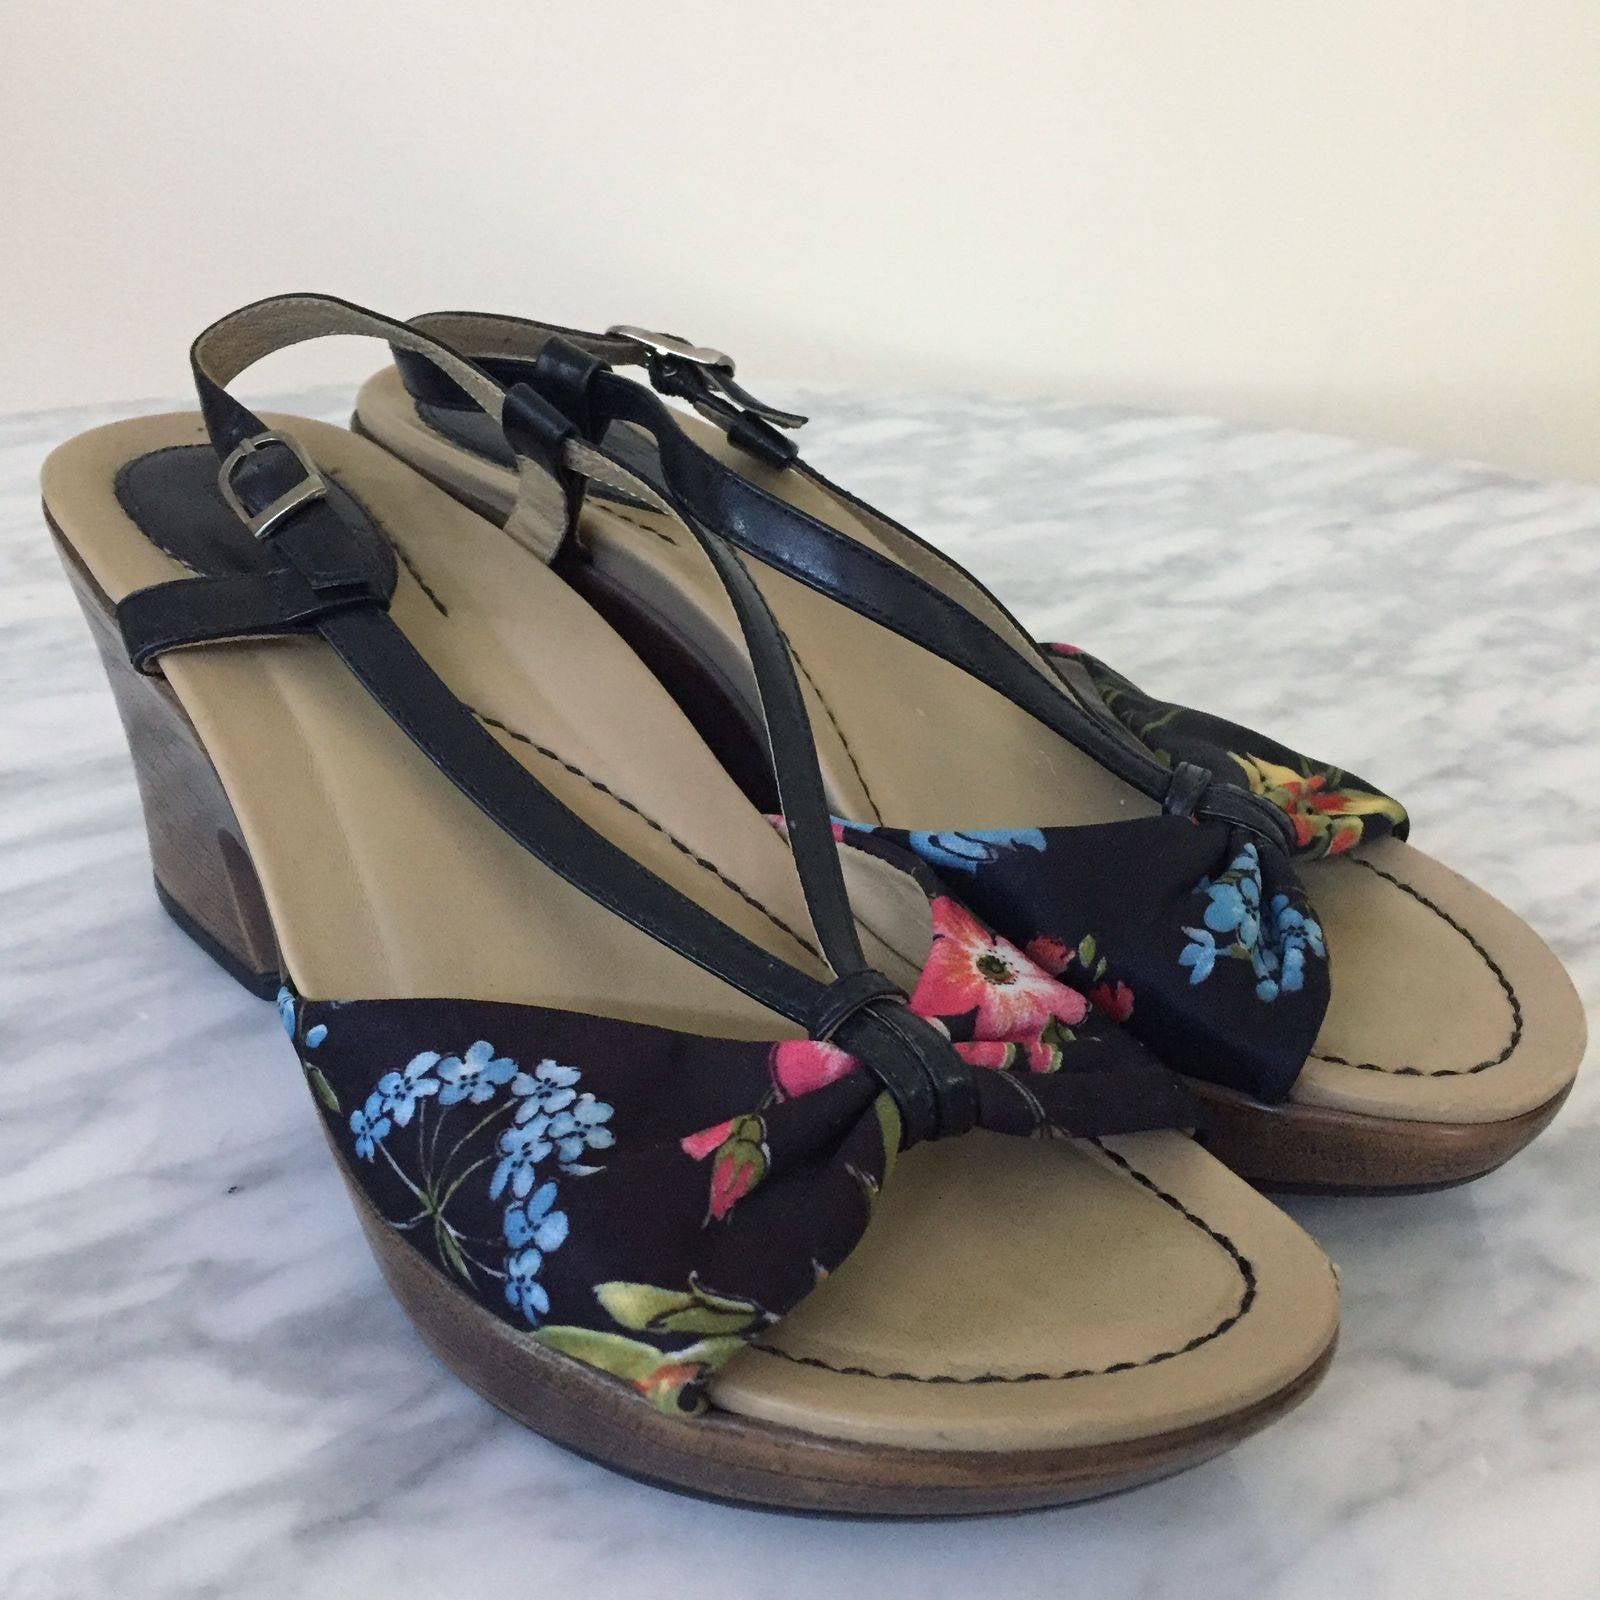 Dansko Floral Naomi Platform Sandal